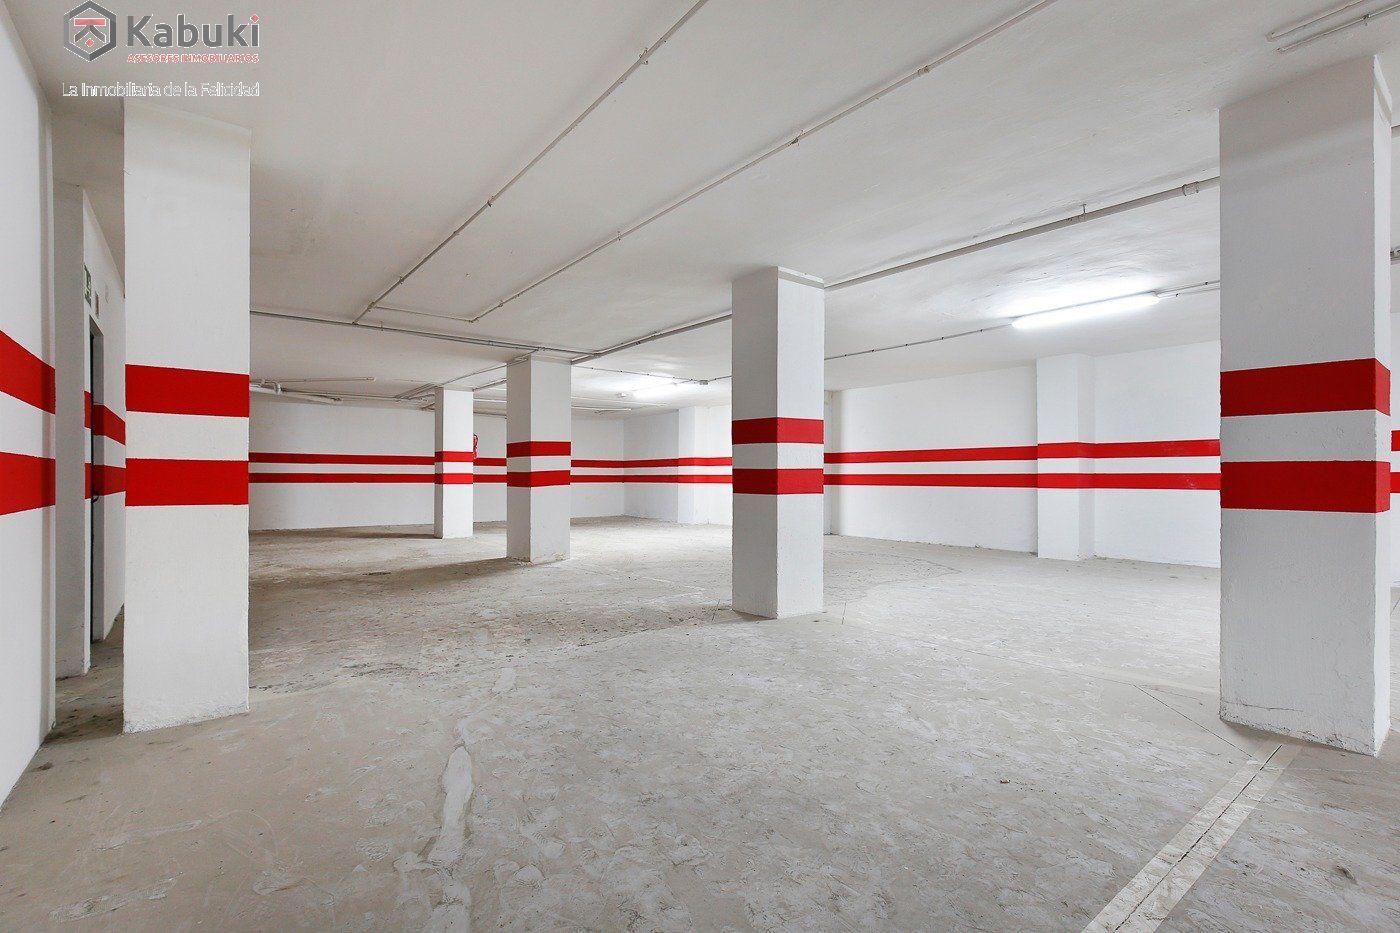 Si estas cansado de dar vueltas con el coche, tenemos fantástica plaza de garaje con trast - imagenInmueble0